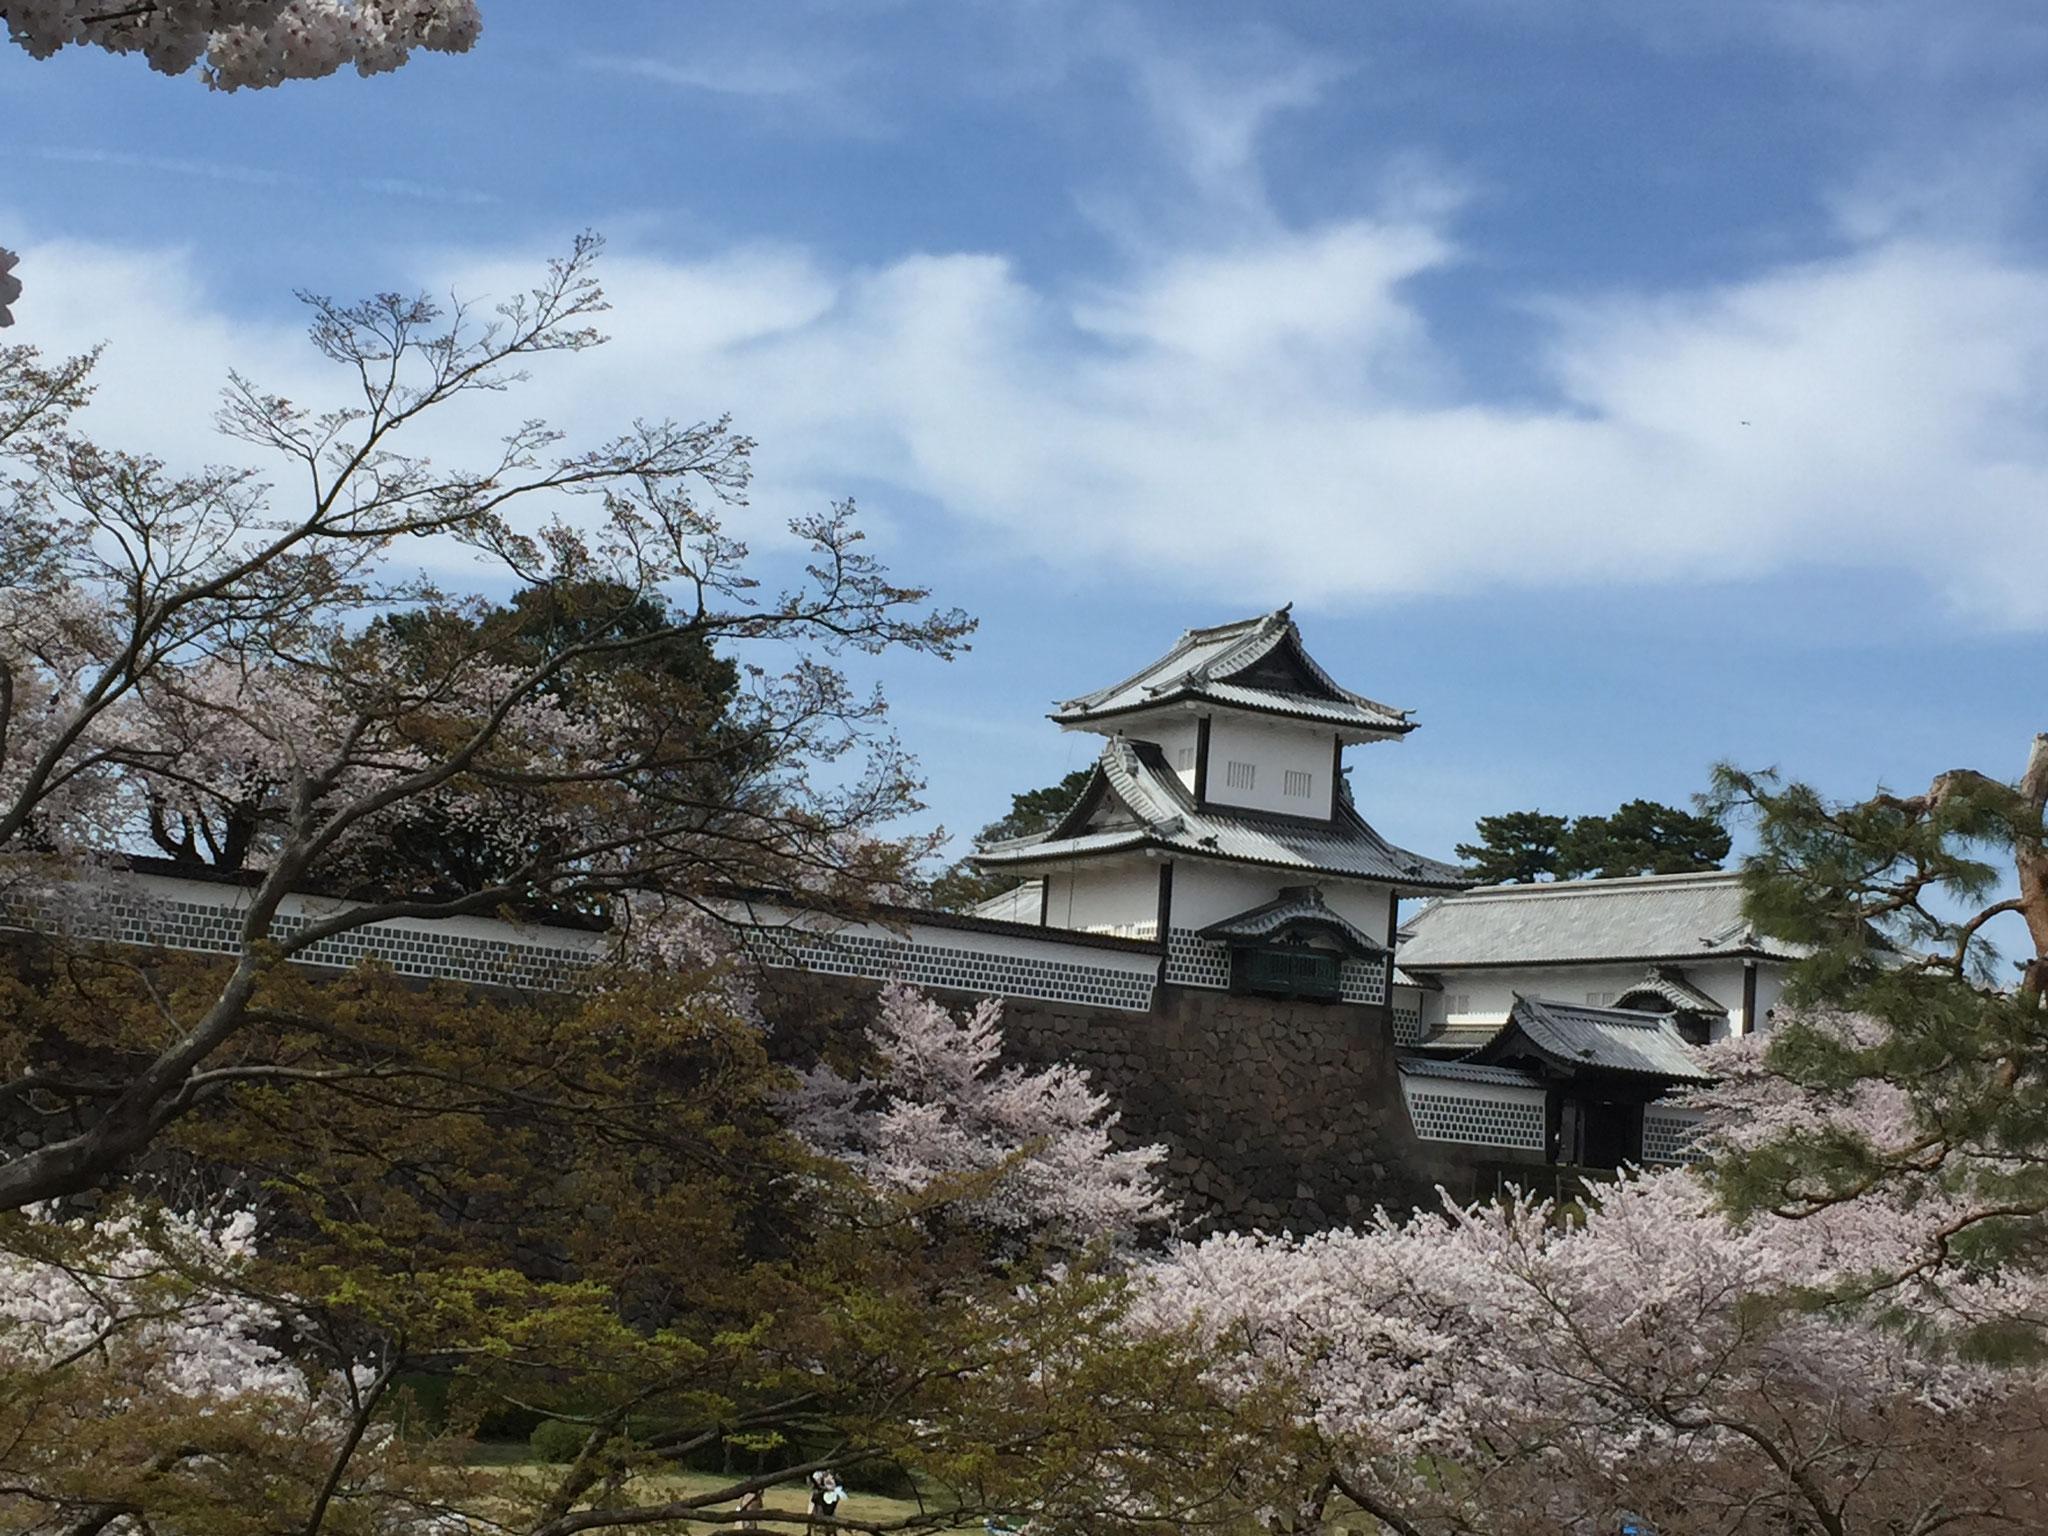 兼六園にて20数年ぶりのお花見!